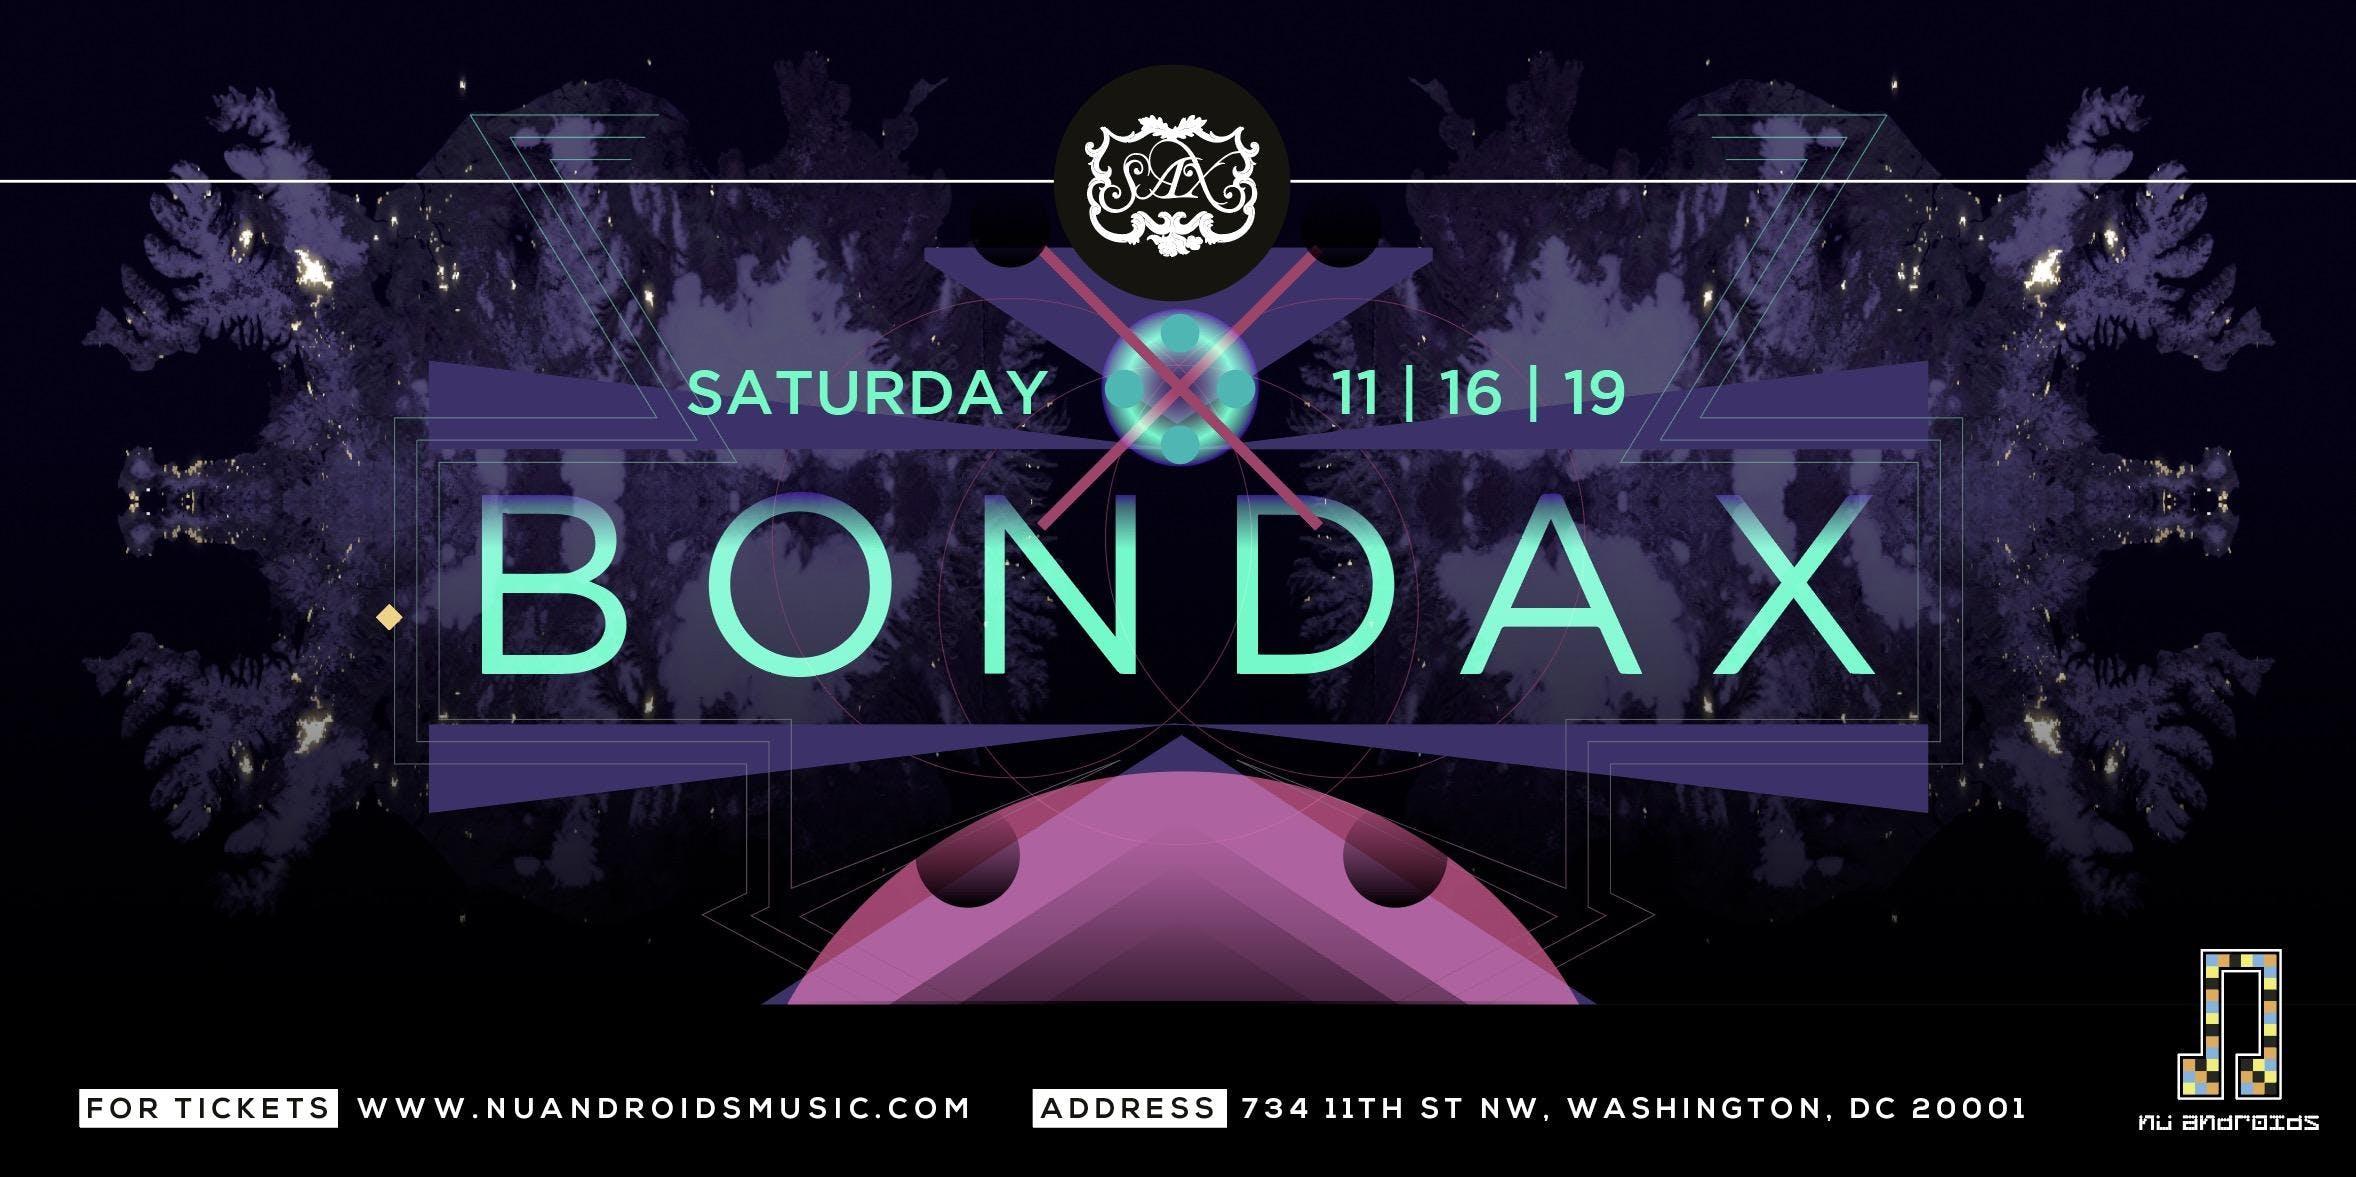 Bondax at Sax